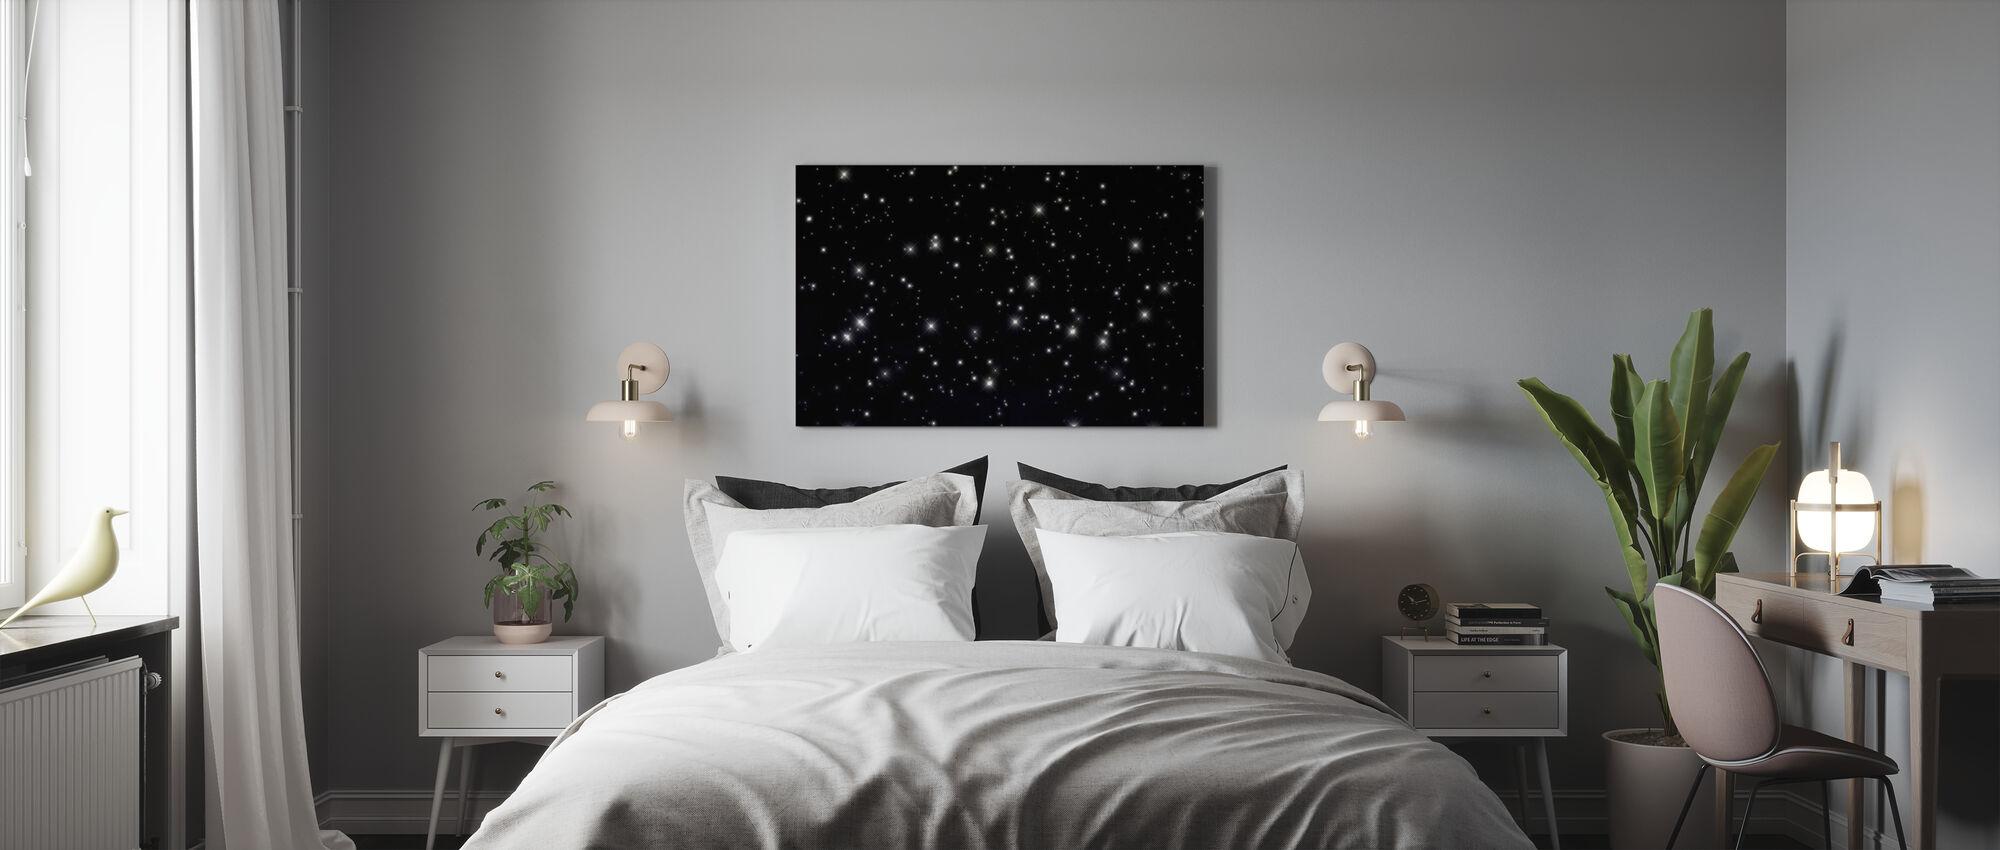 Gwiaździsta przestrzeń - Obraz na płótnie - Sypialnia